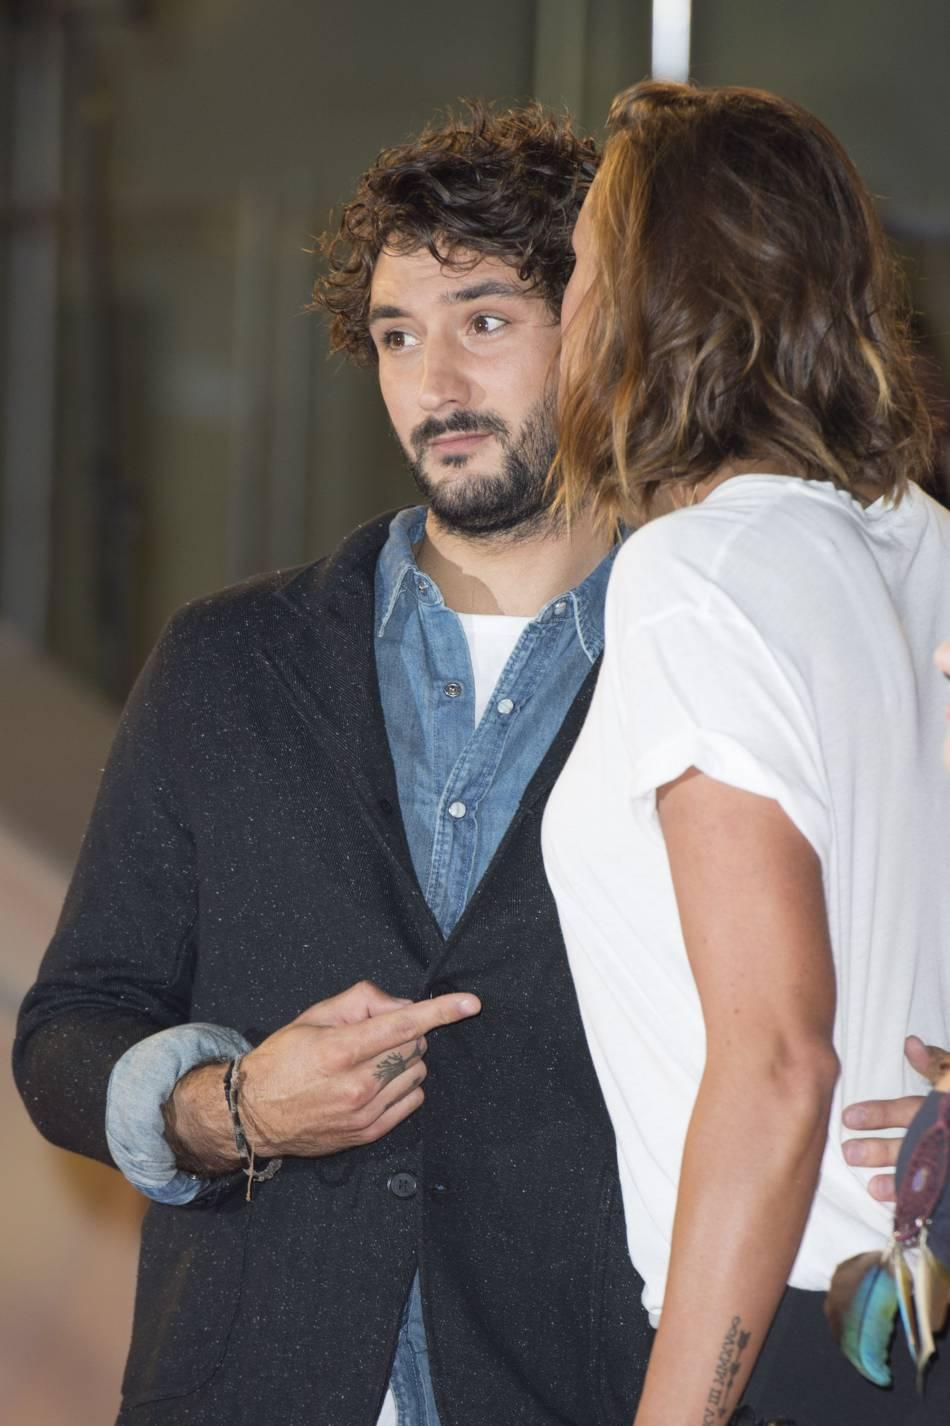 Laure Manaudou, embrassant tendrement son amoureux, le chanteur Jérémy Frérot.